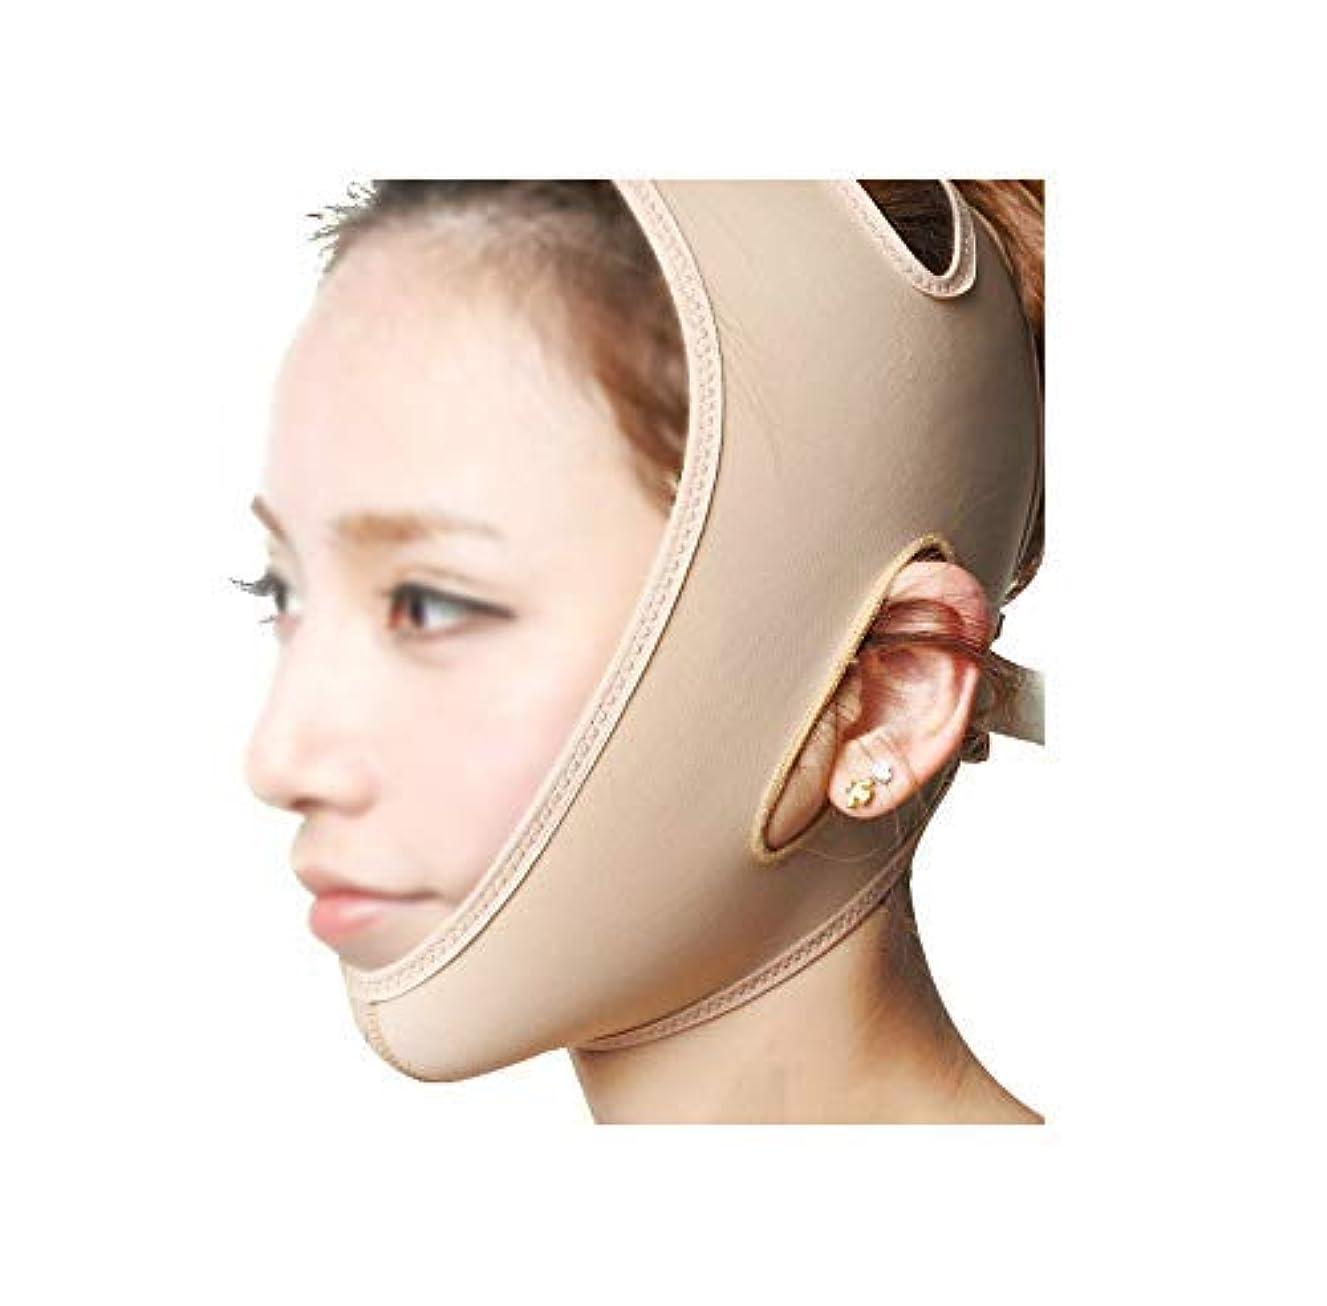 つぶやきれんが取り組むフェイスリフティングバンデージ、フェイスマスク3Dパネルデザイン、通気性に優れたライクラ素材の物理的なVフェイス、美しい顔の輪郭の作成(サイズ:S),S